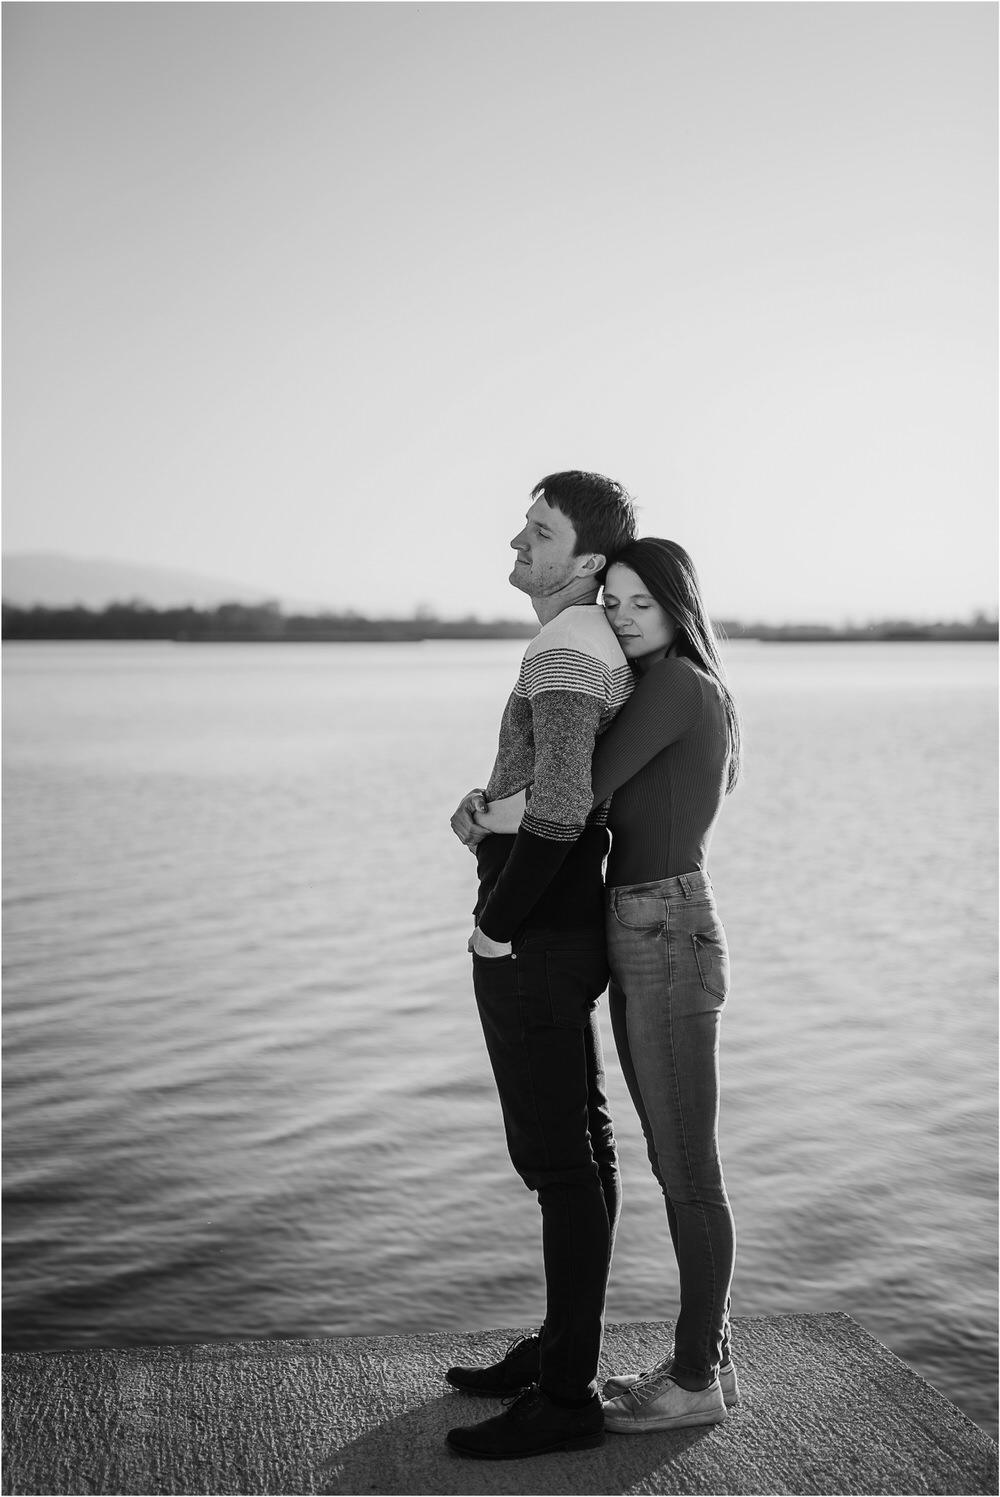 zarocno fotografiranje posavje brezice krsko slovenija poroka porocni fotograf sprosceno nasmejano naravno zaroka tri lucke  0022.jpg